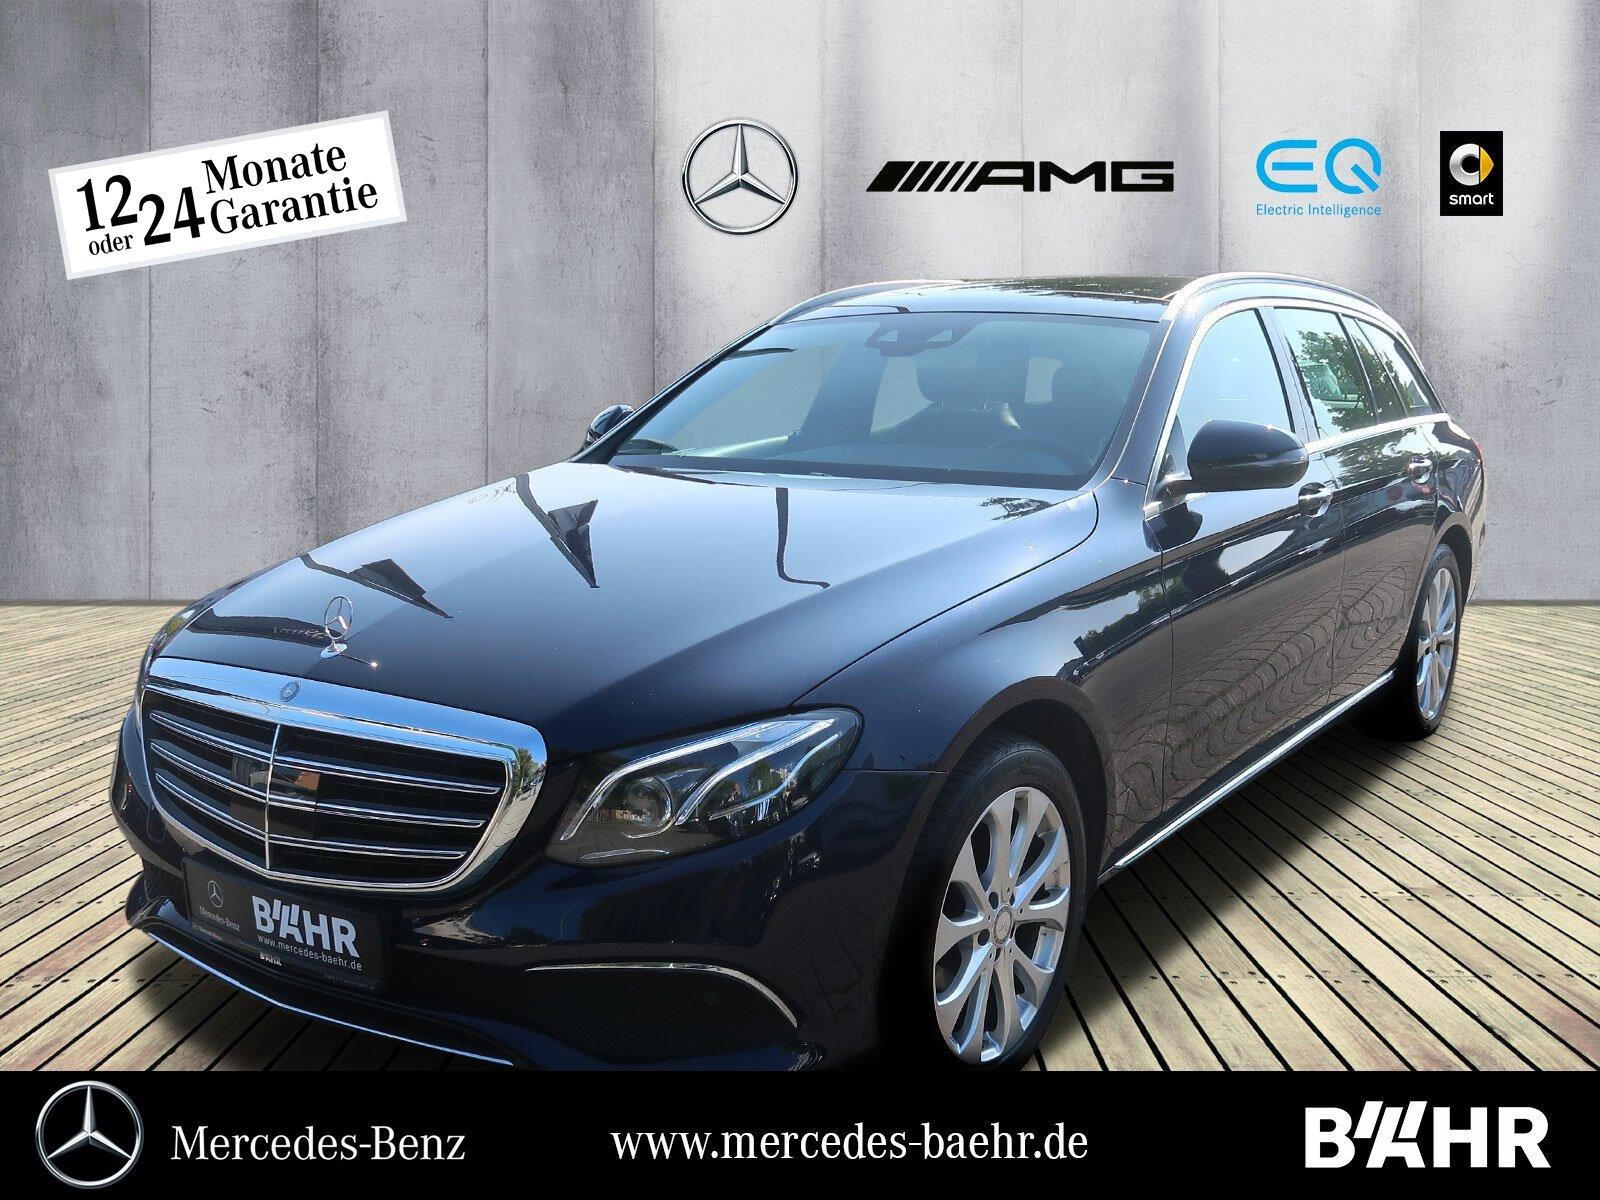 Mercedes-Benz E 220 d T Avantgarde+Exclusive/Comand/Multibeam, Jahr 2017, Diesel